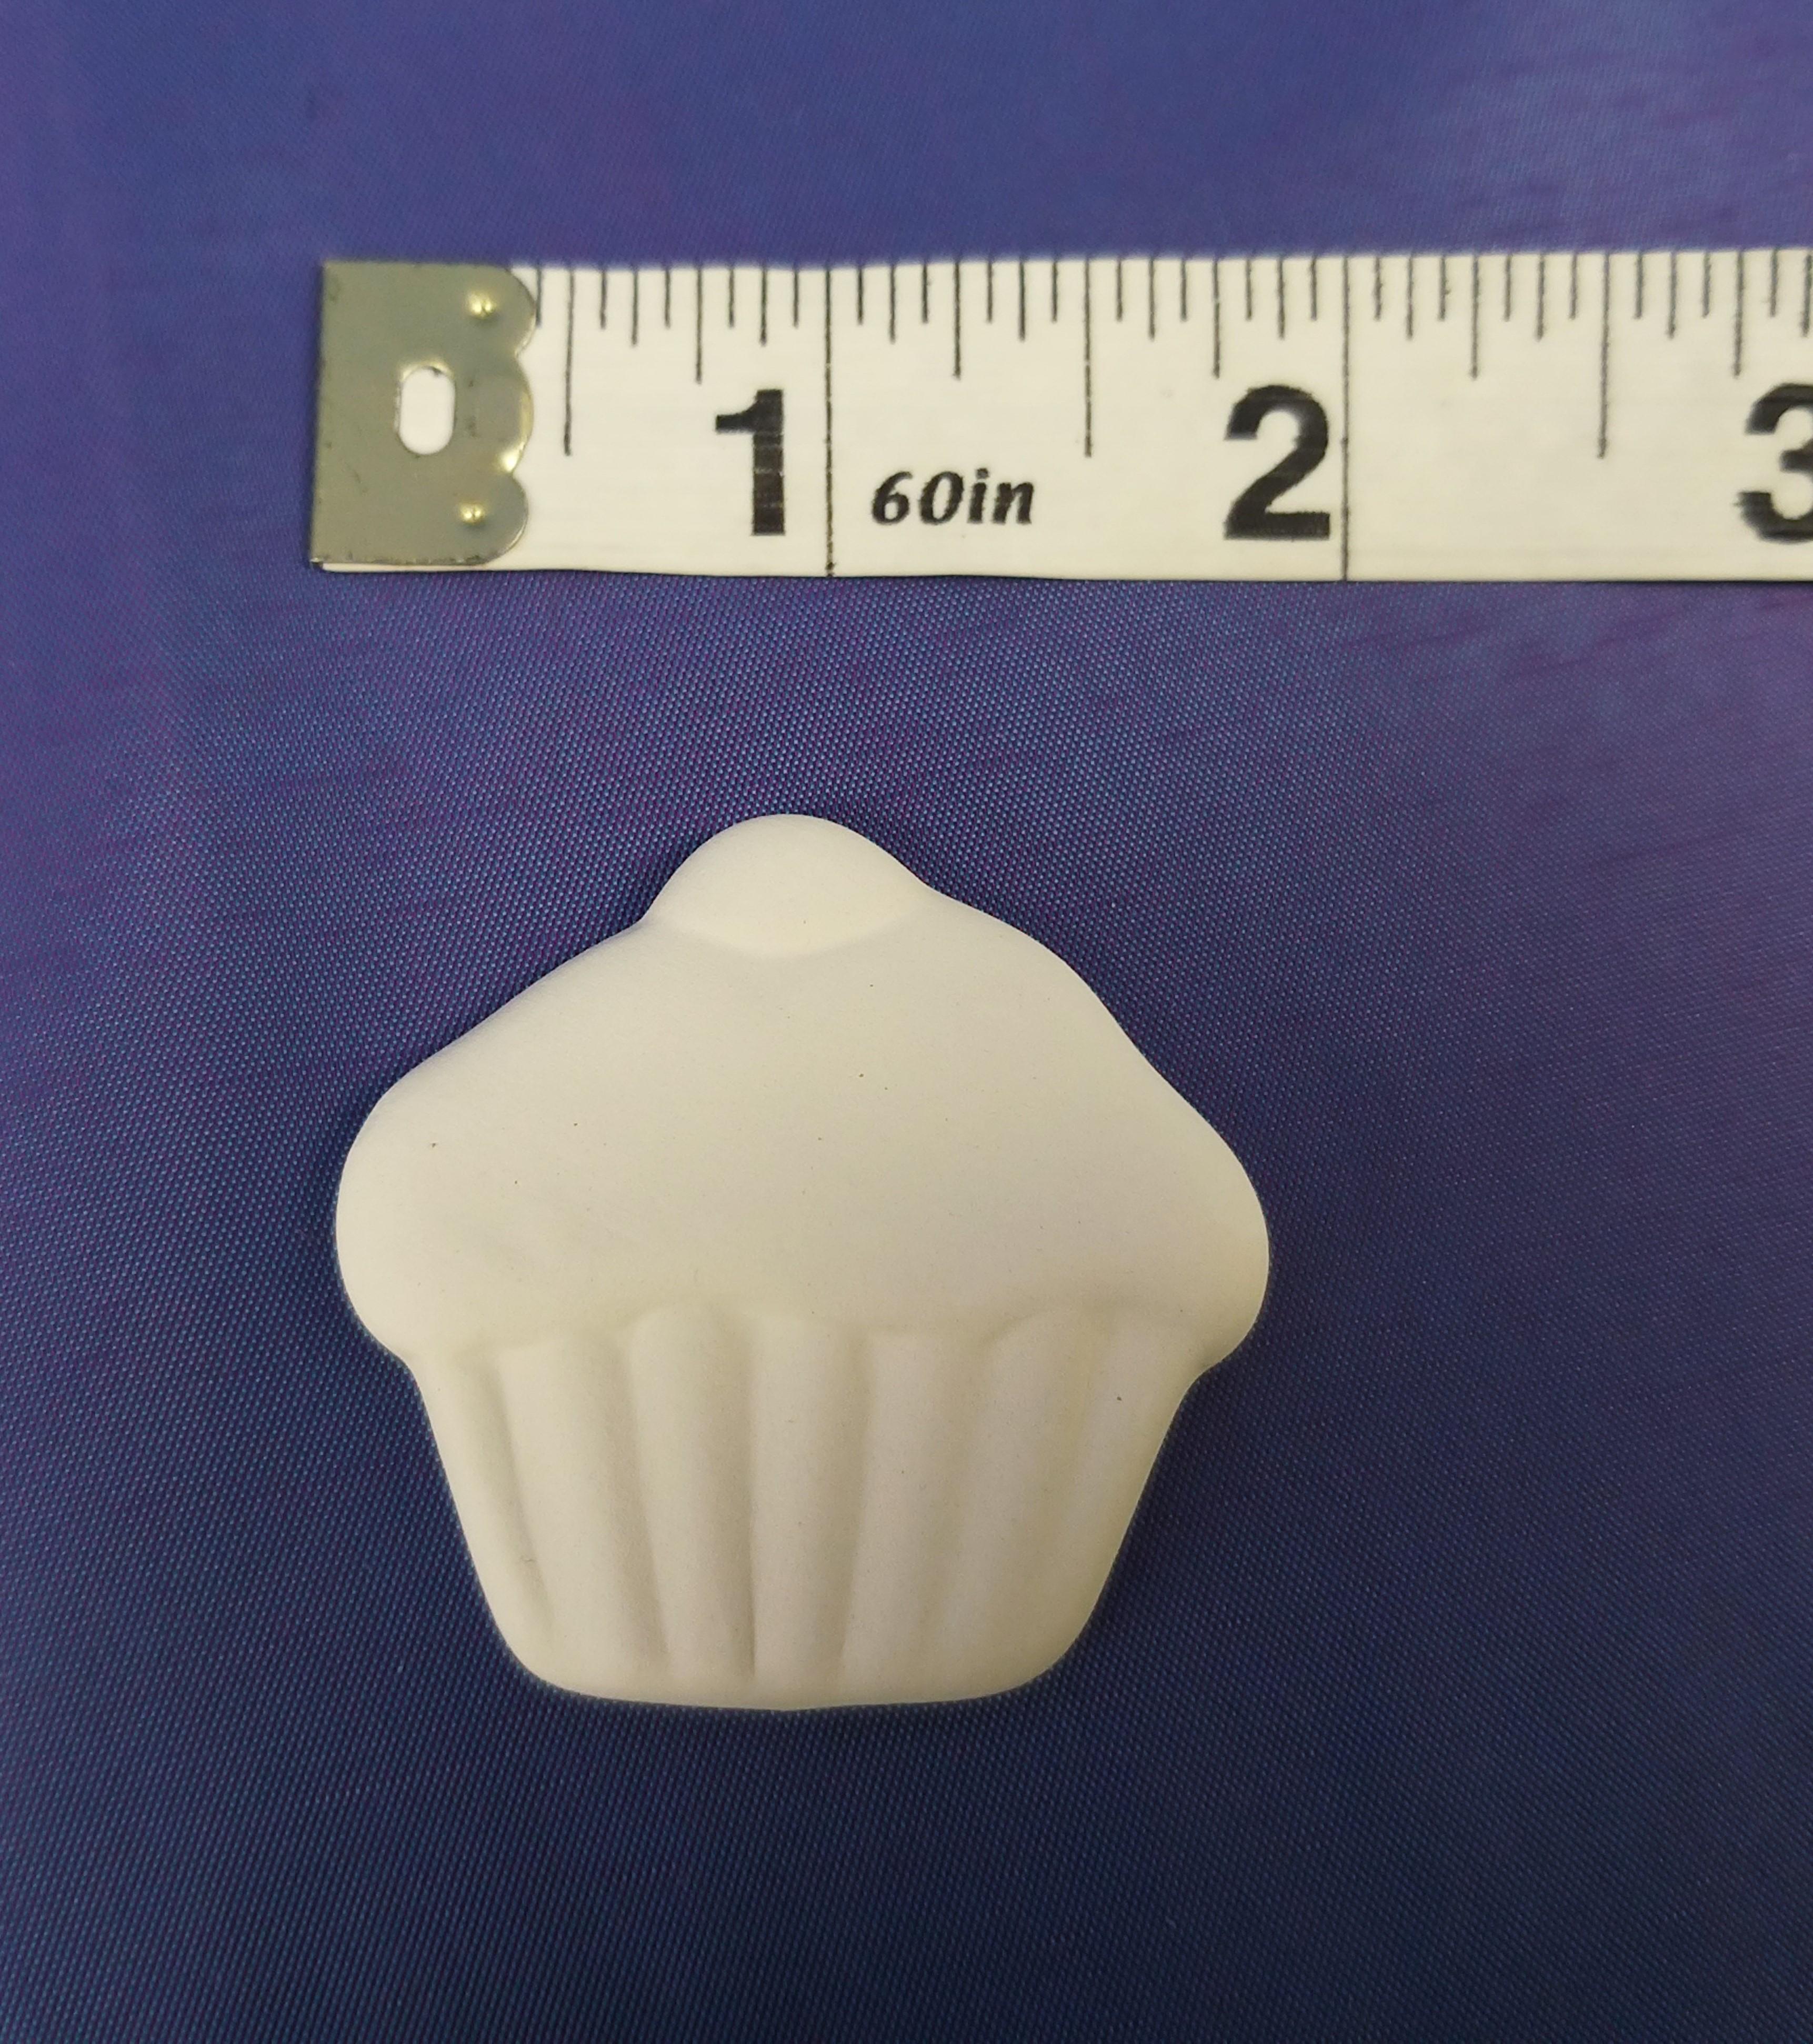 Cupcake 'Add-on' Mini